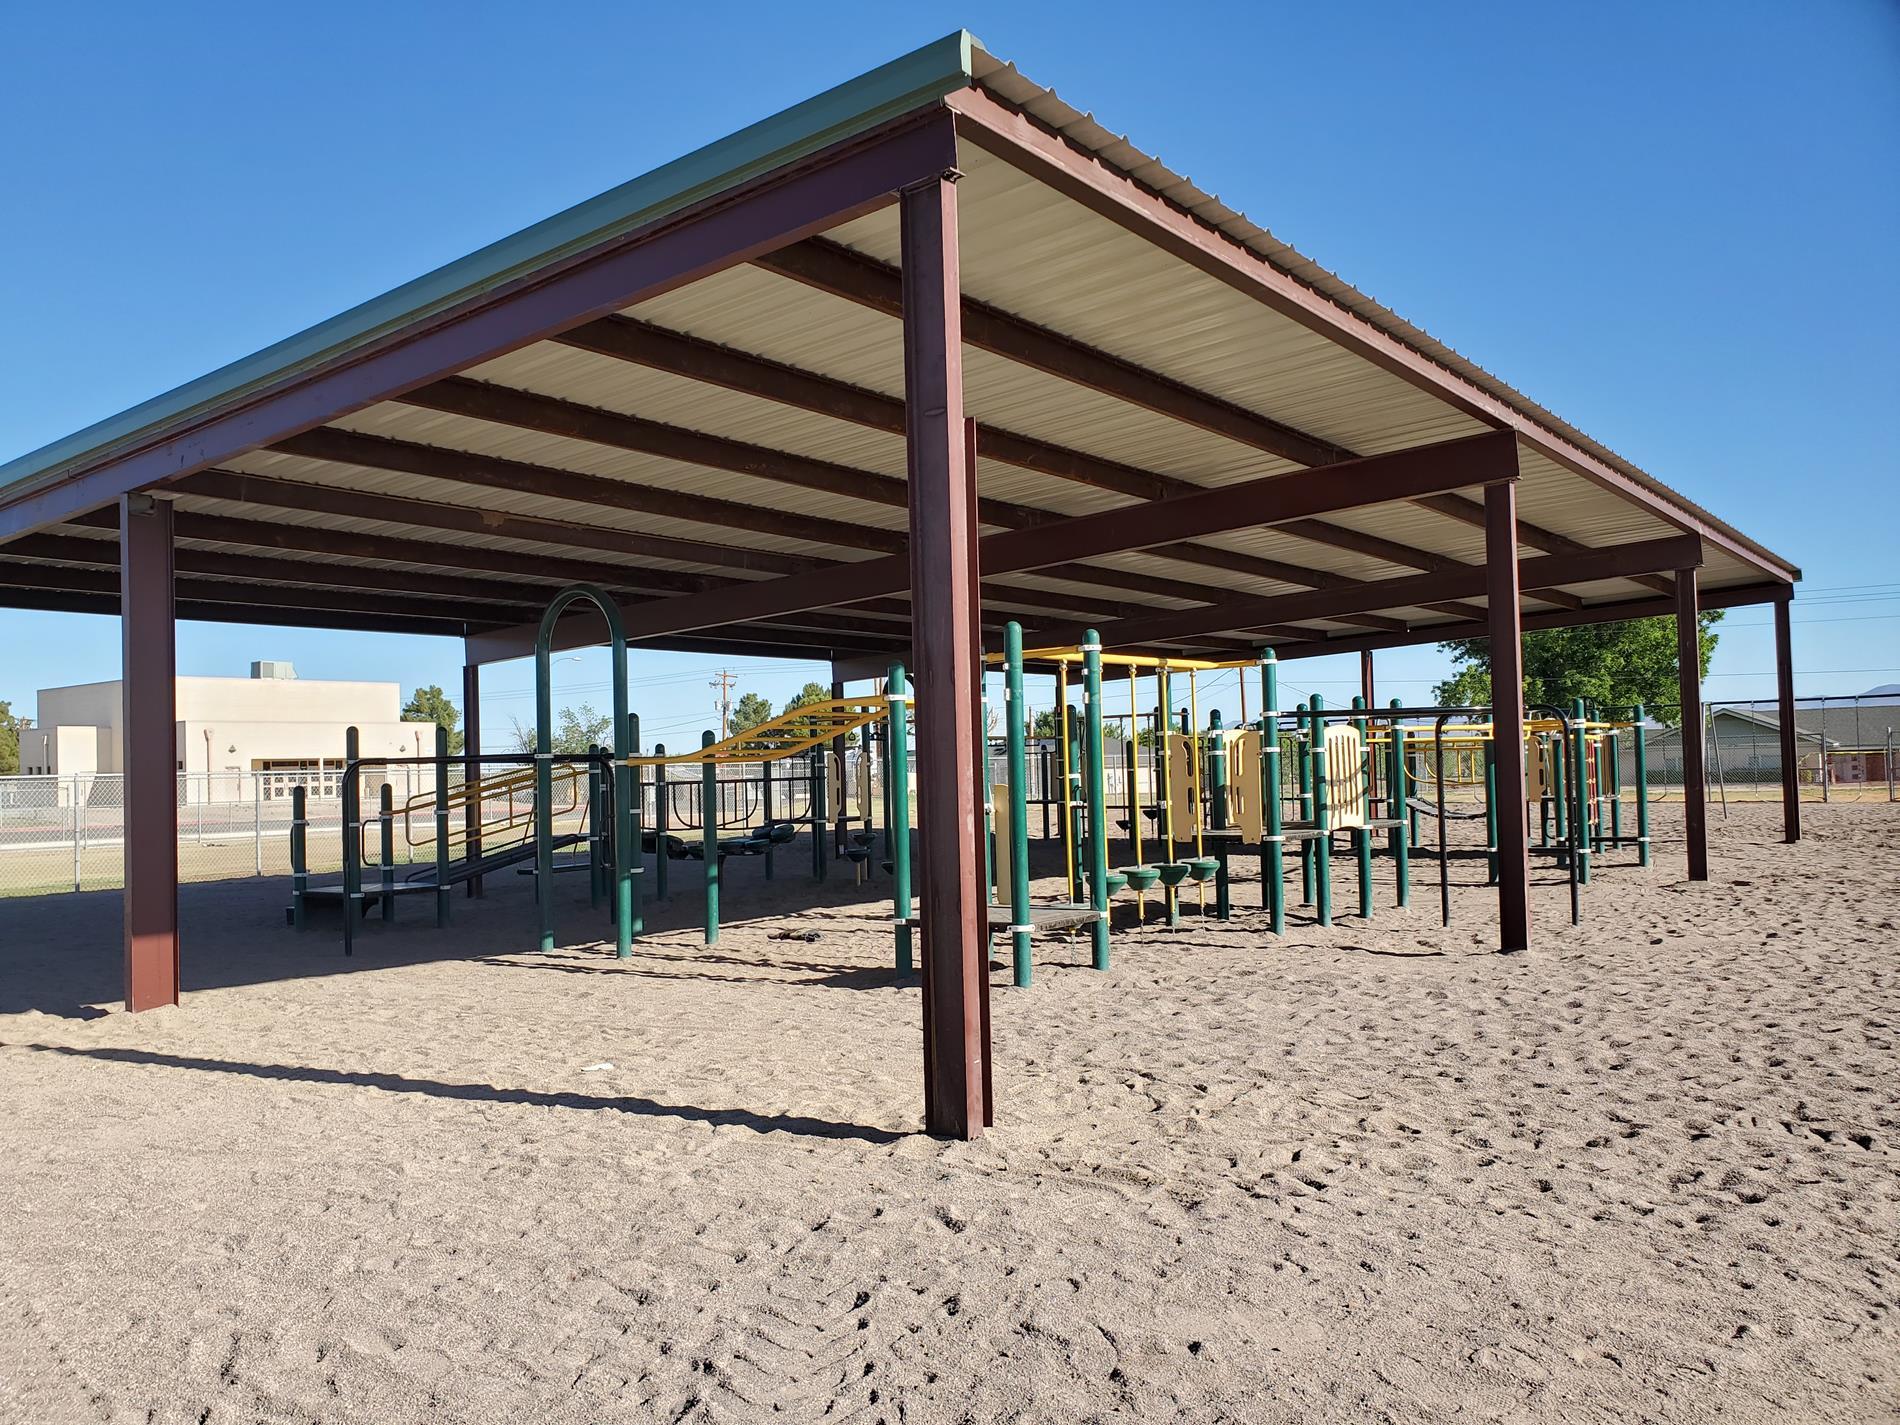 Shade Covered Playground